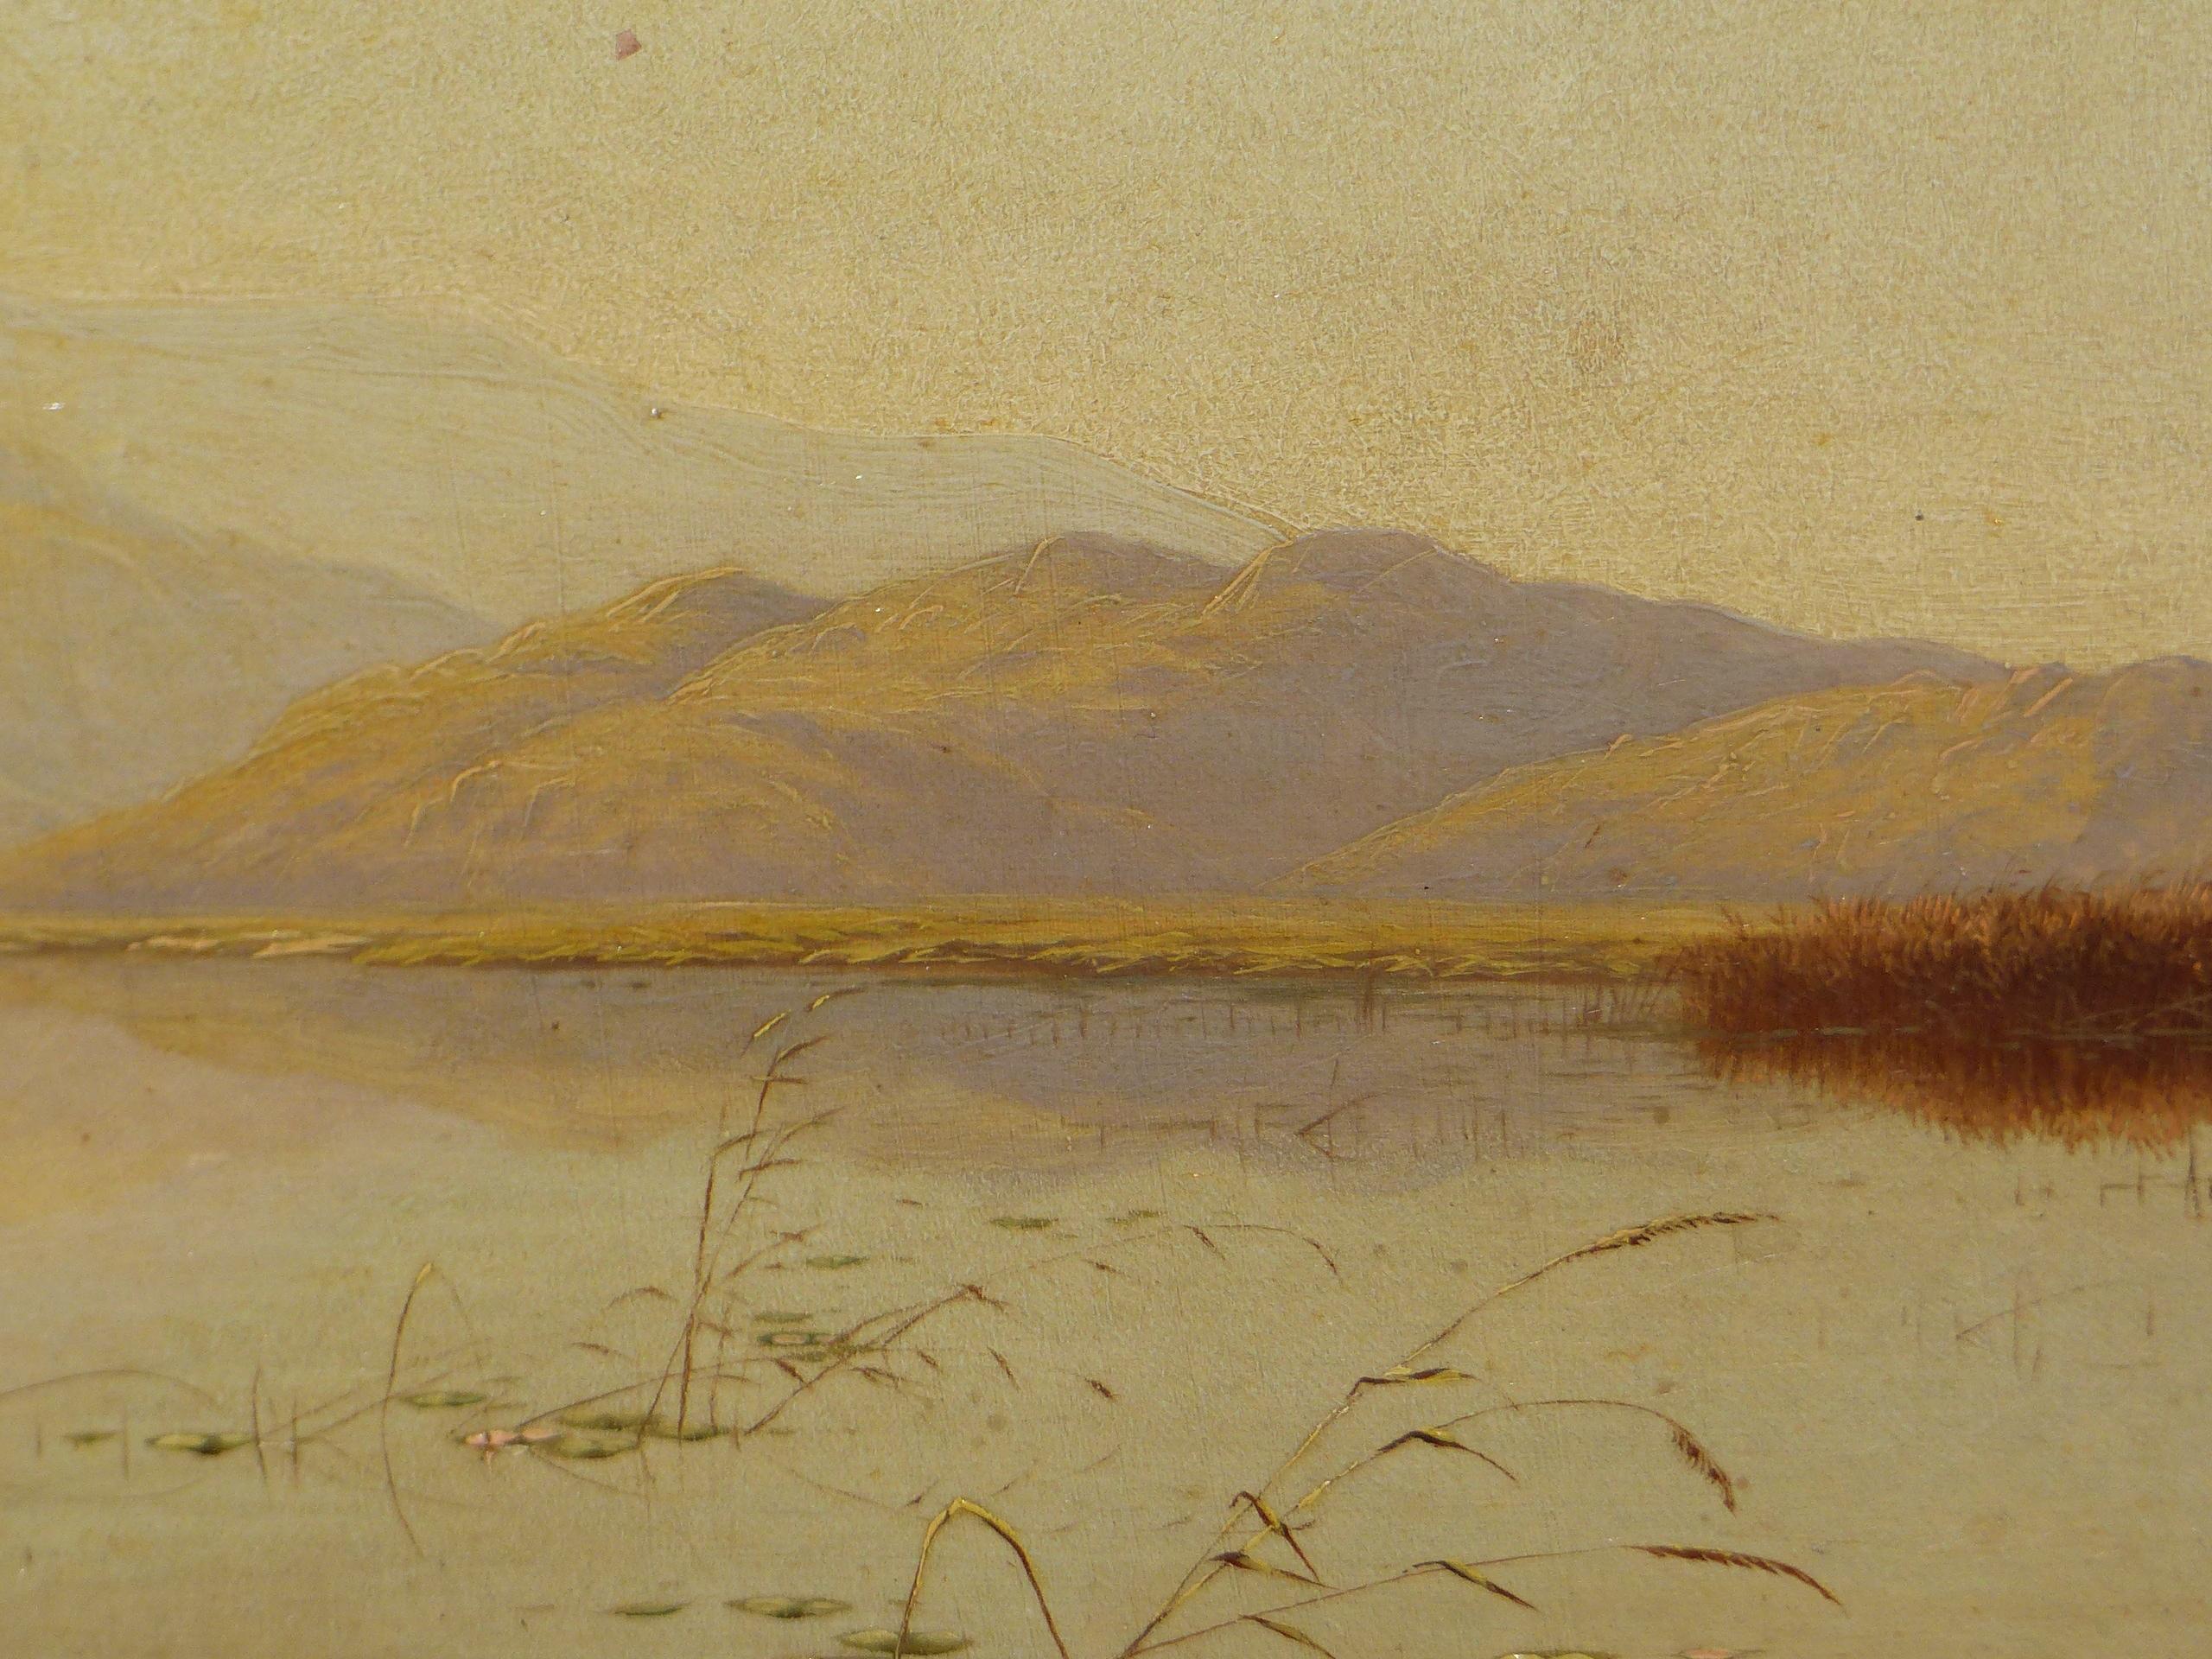 EDWIN BODDINGTON (1836 - 1905) A WELSH LANDSCAPE, OIL ON CANVAS, LABEL VERSO 30 x 56 cm - Image 5 of 9